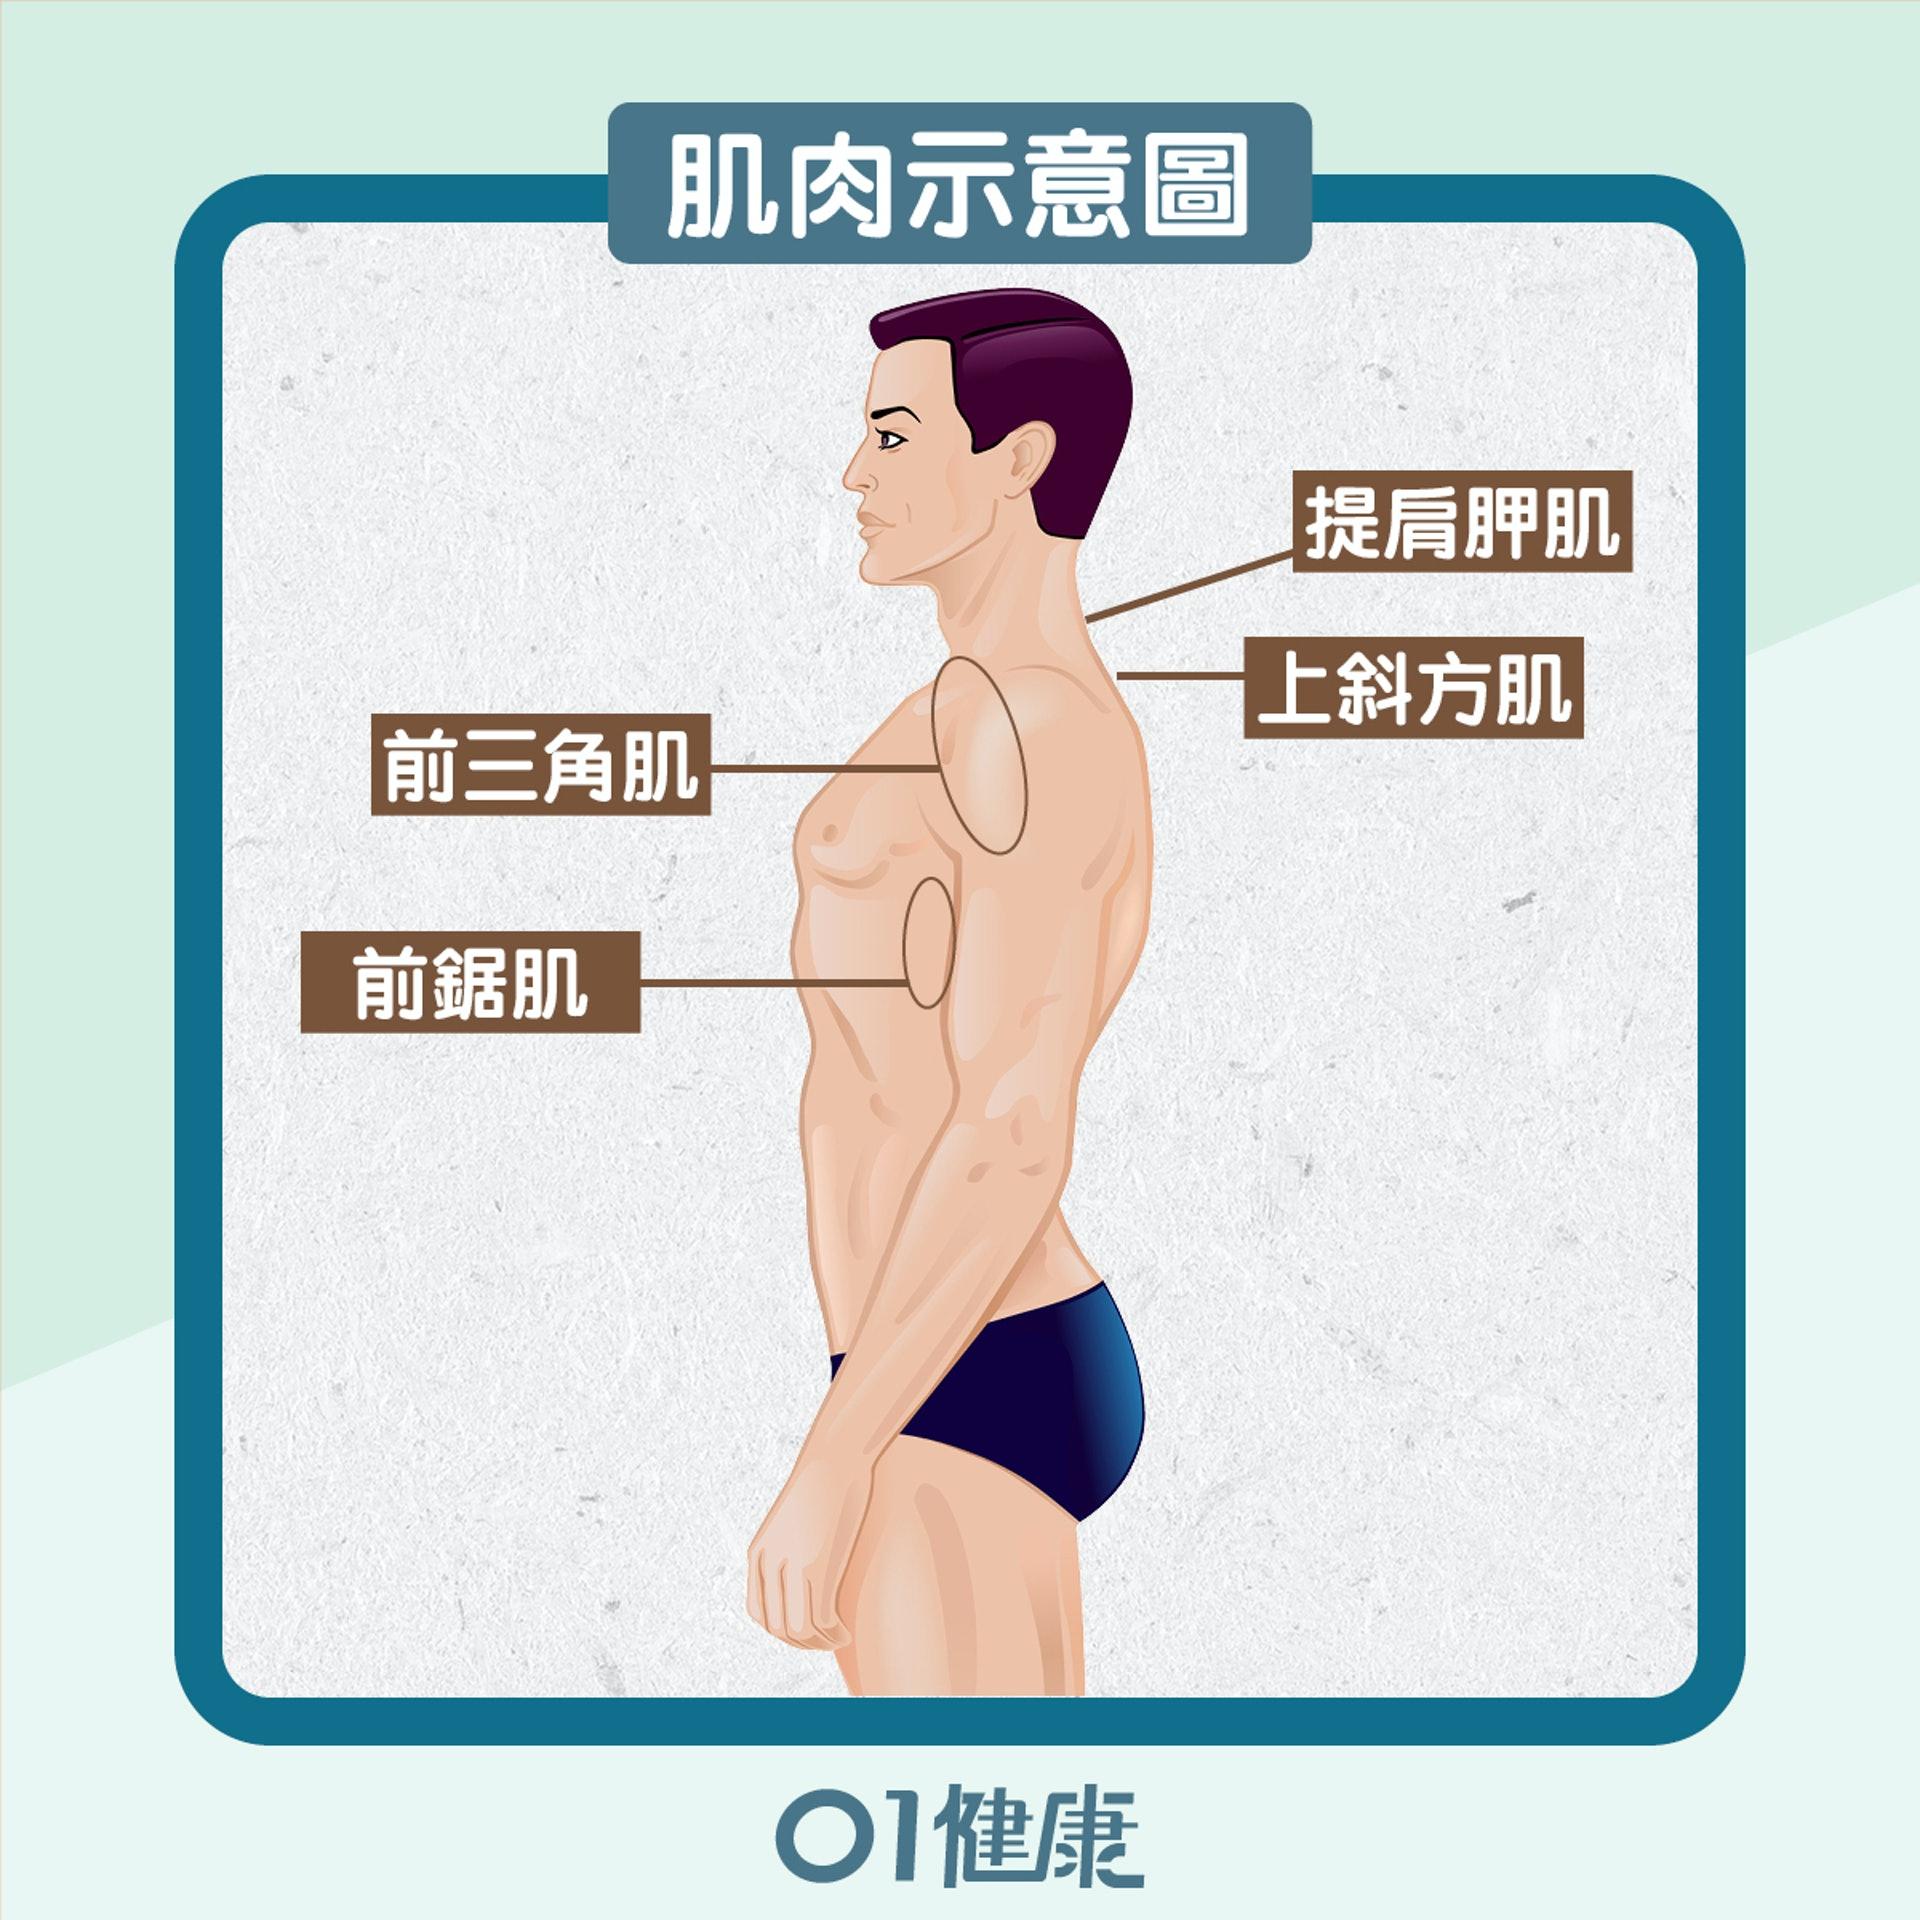 「寒背」的姿勢令胸大肌、背闊肌和肩膀的前三角肌慣性縮短,及後導致肩關節出現內旋,即「圓肩」